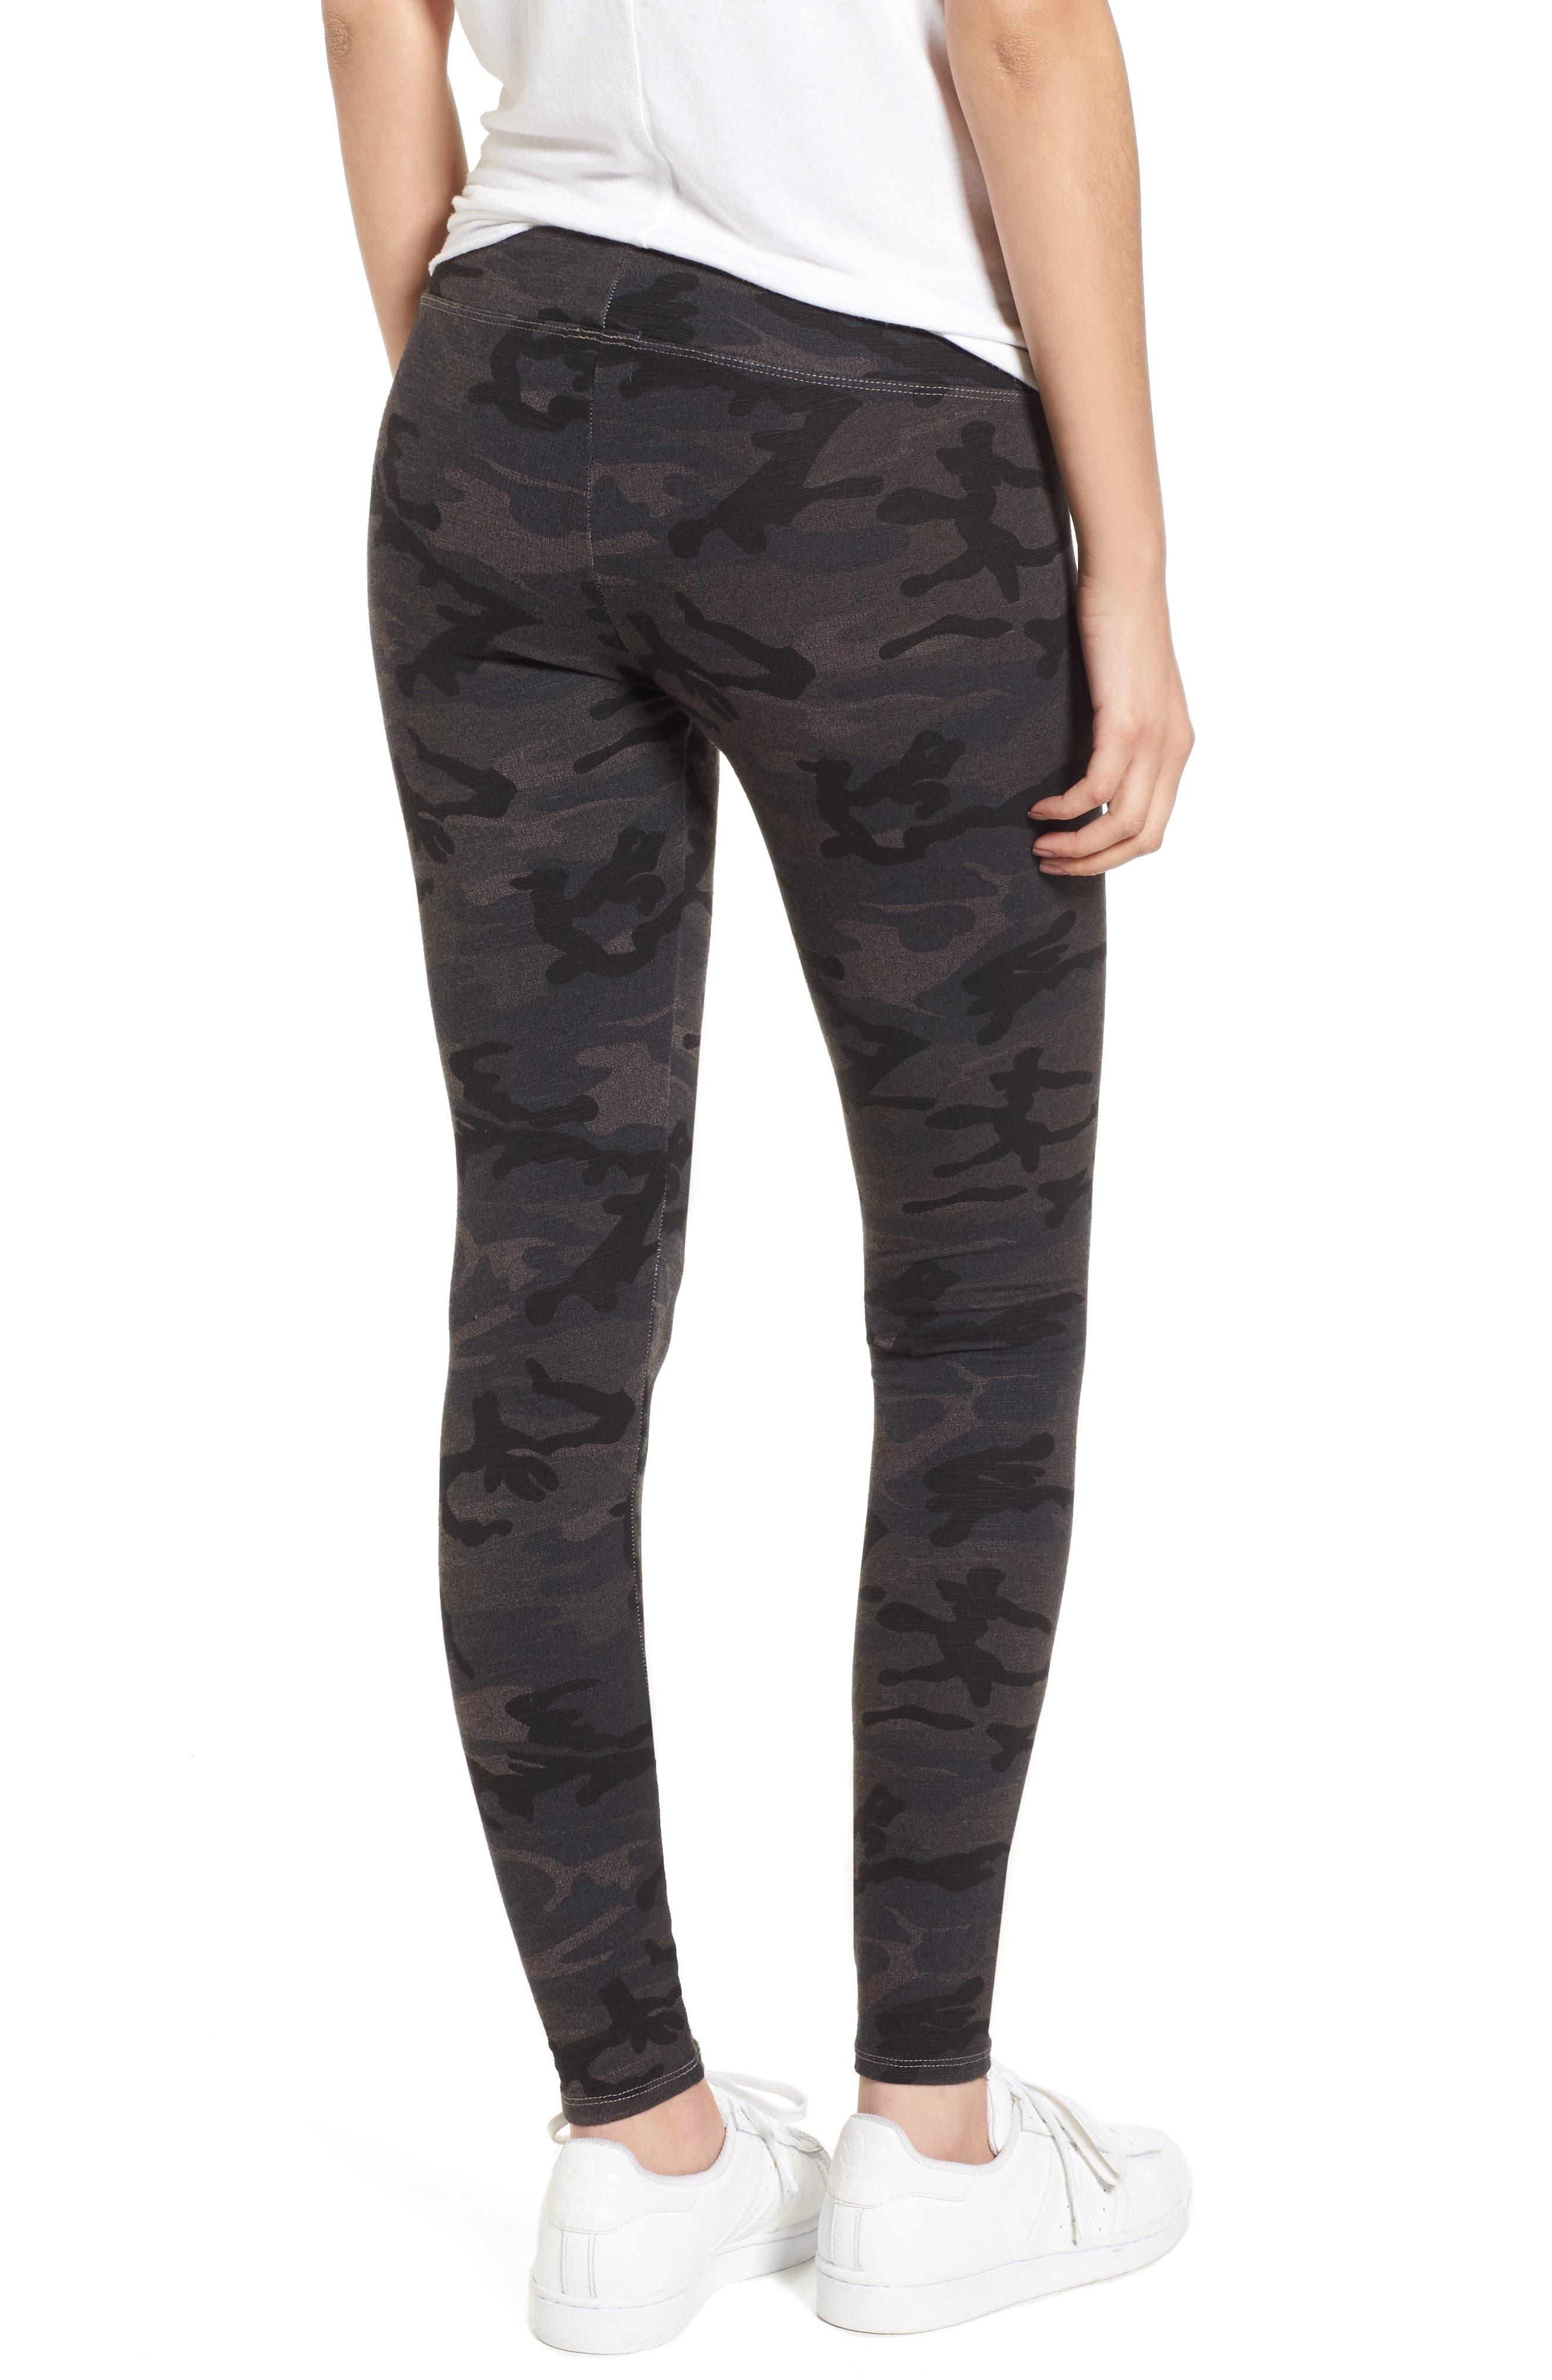 Camo Yoga Pants,                             Alternate thumbnail 2, color,                             Charcoal